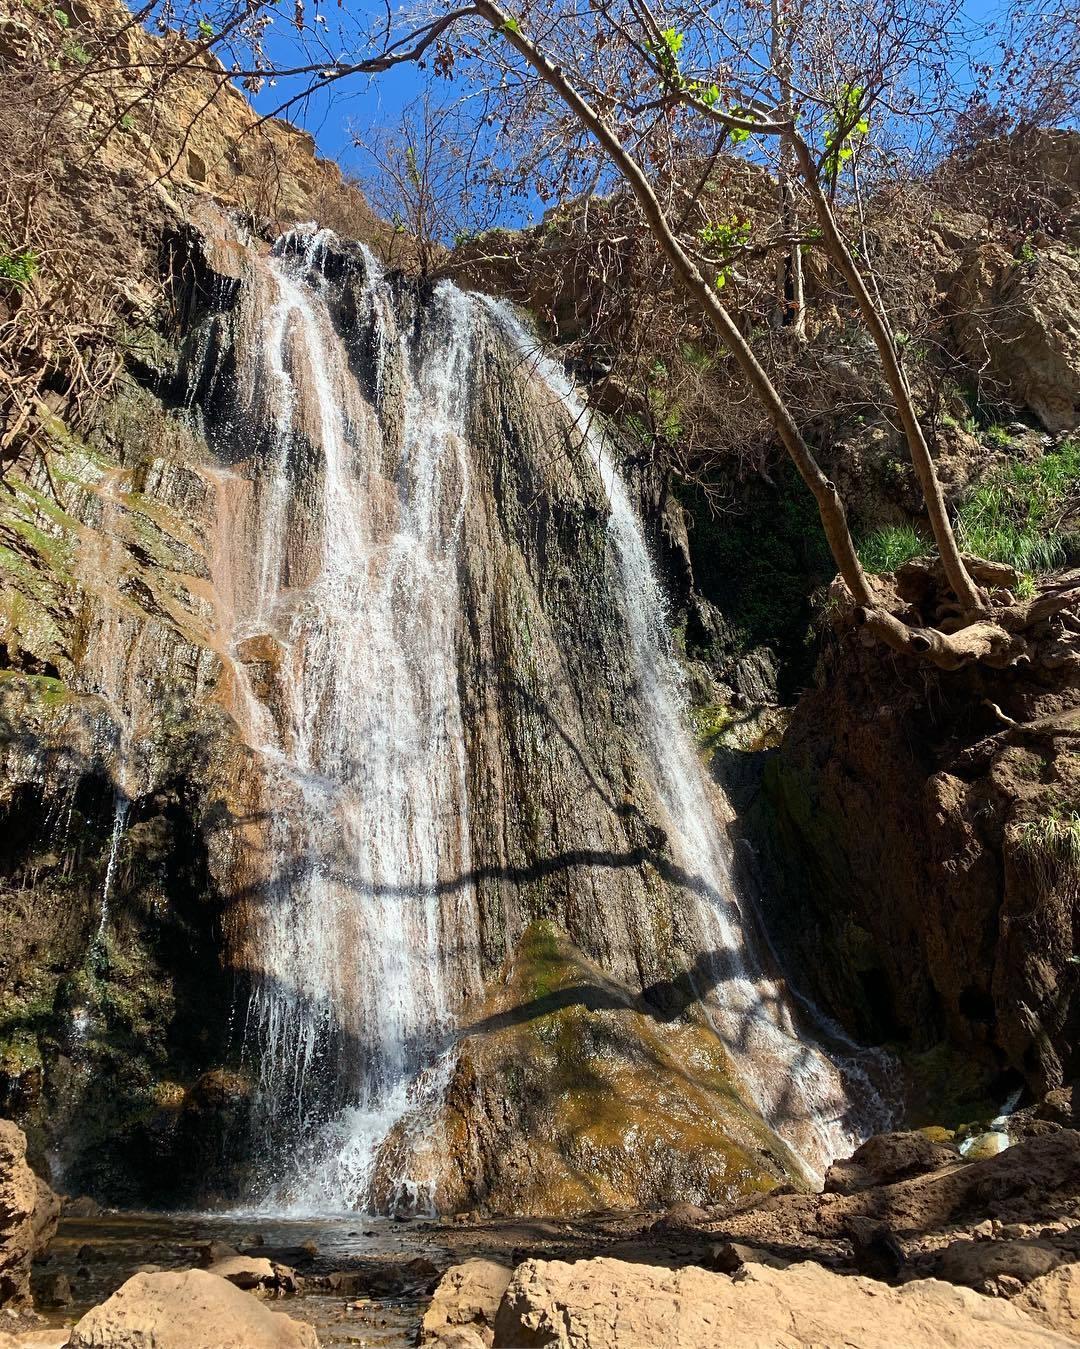 Escondido Falls in Malibu